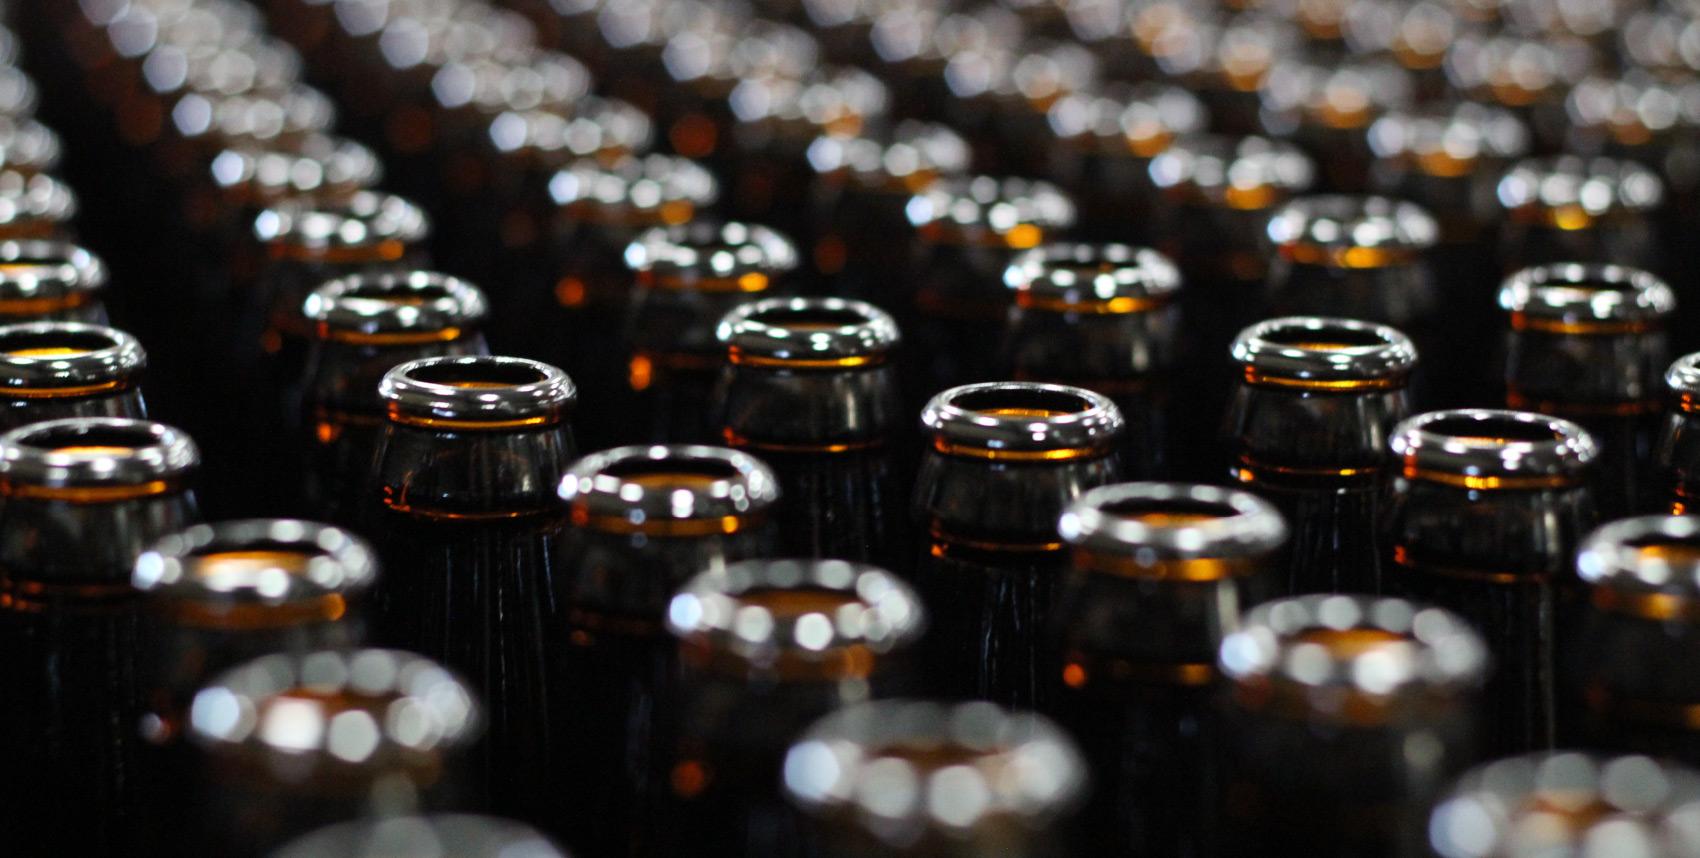 IBC-brewery-midpage-sliders-02.jpg